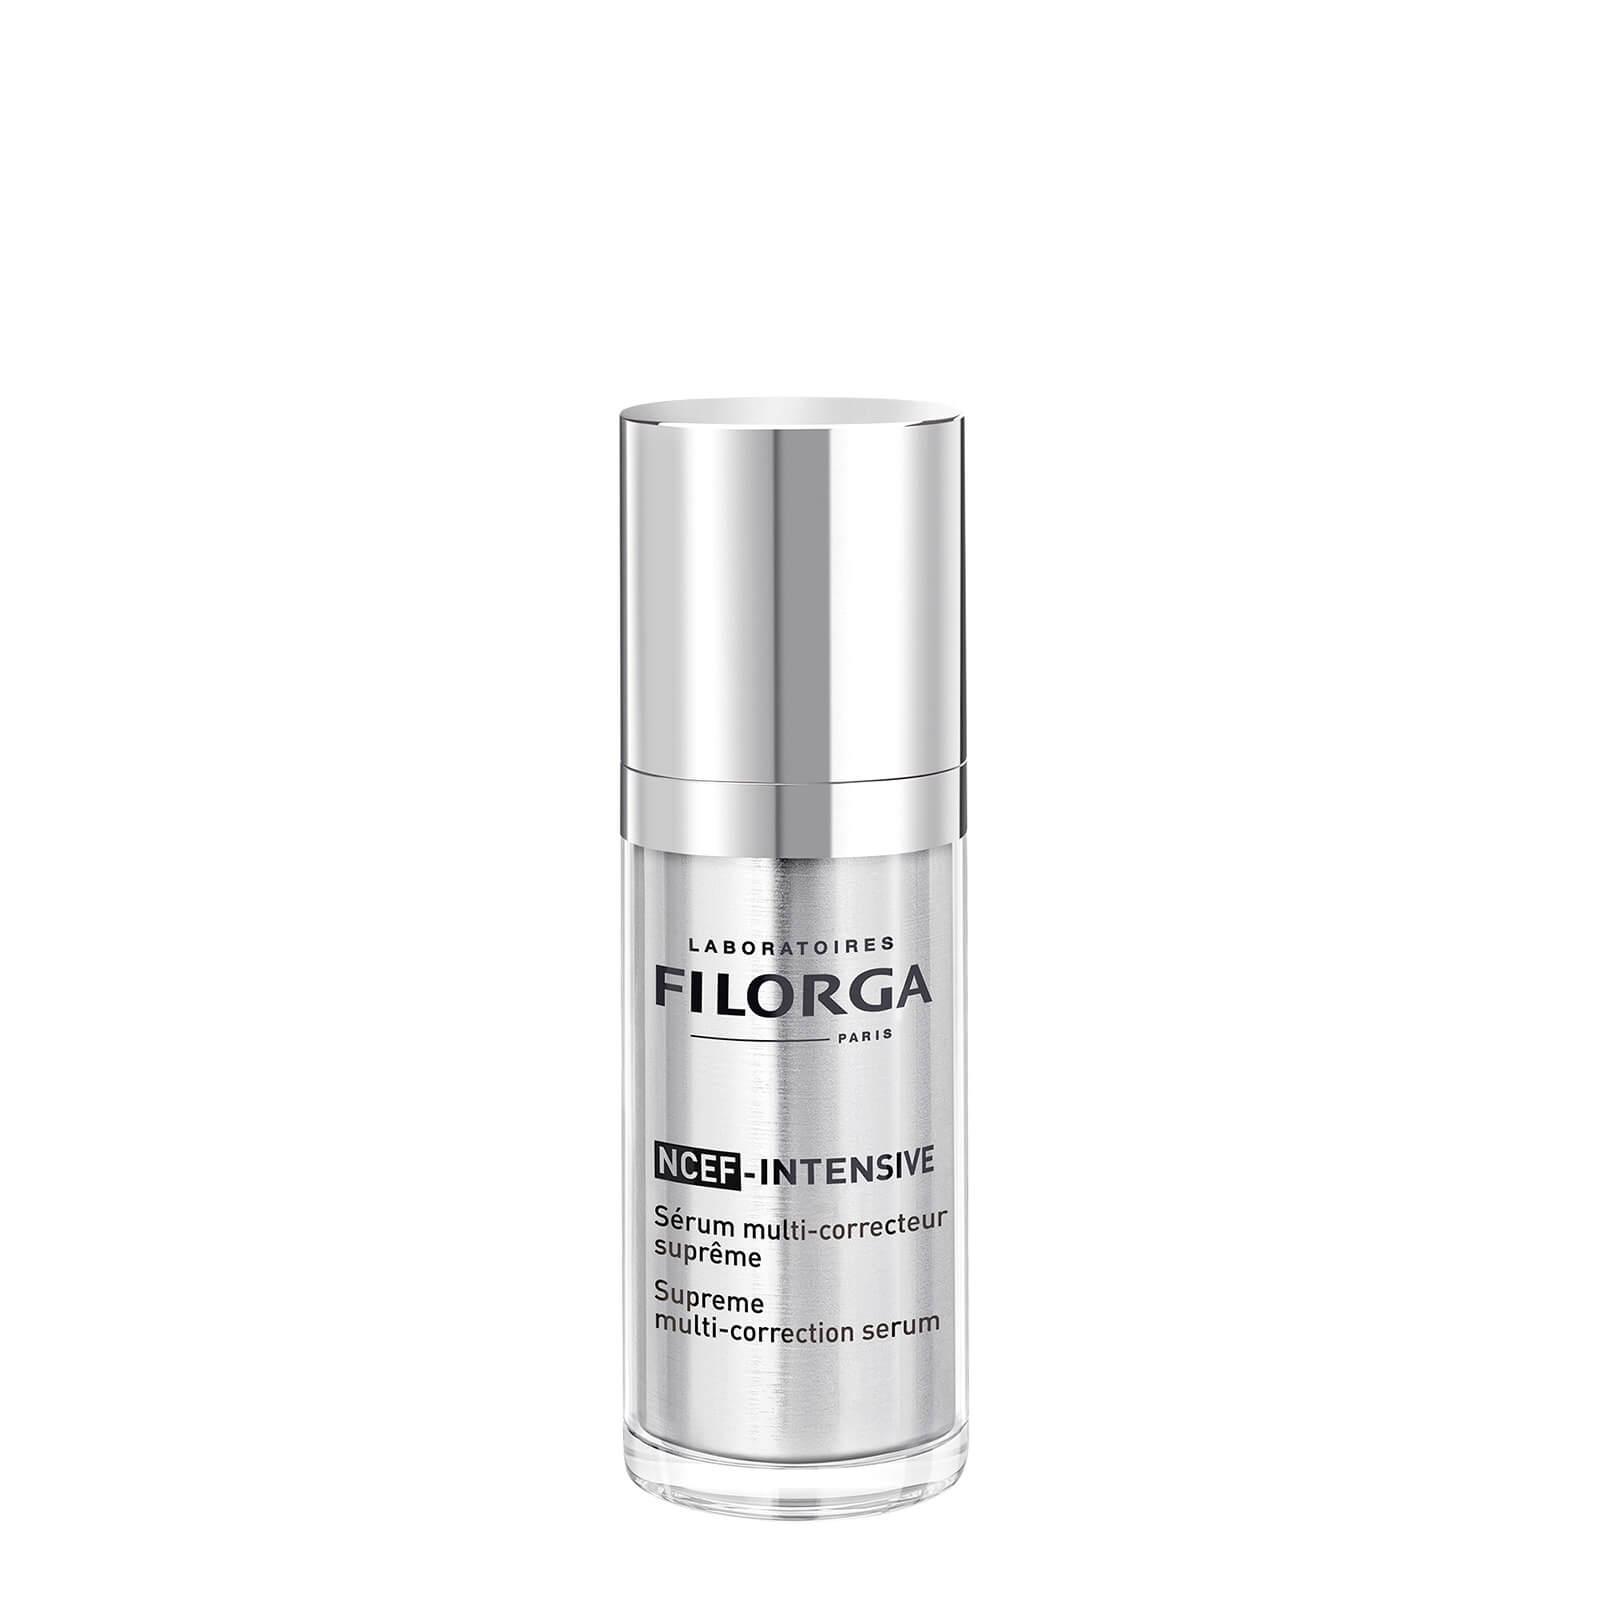 Купить Идеальная восстанавливающая сыворотка Filorga NCTF-Intensive 30 мл